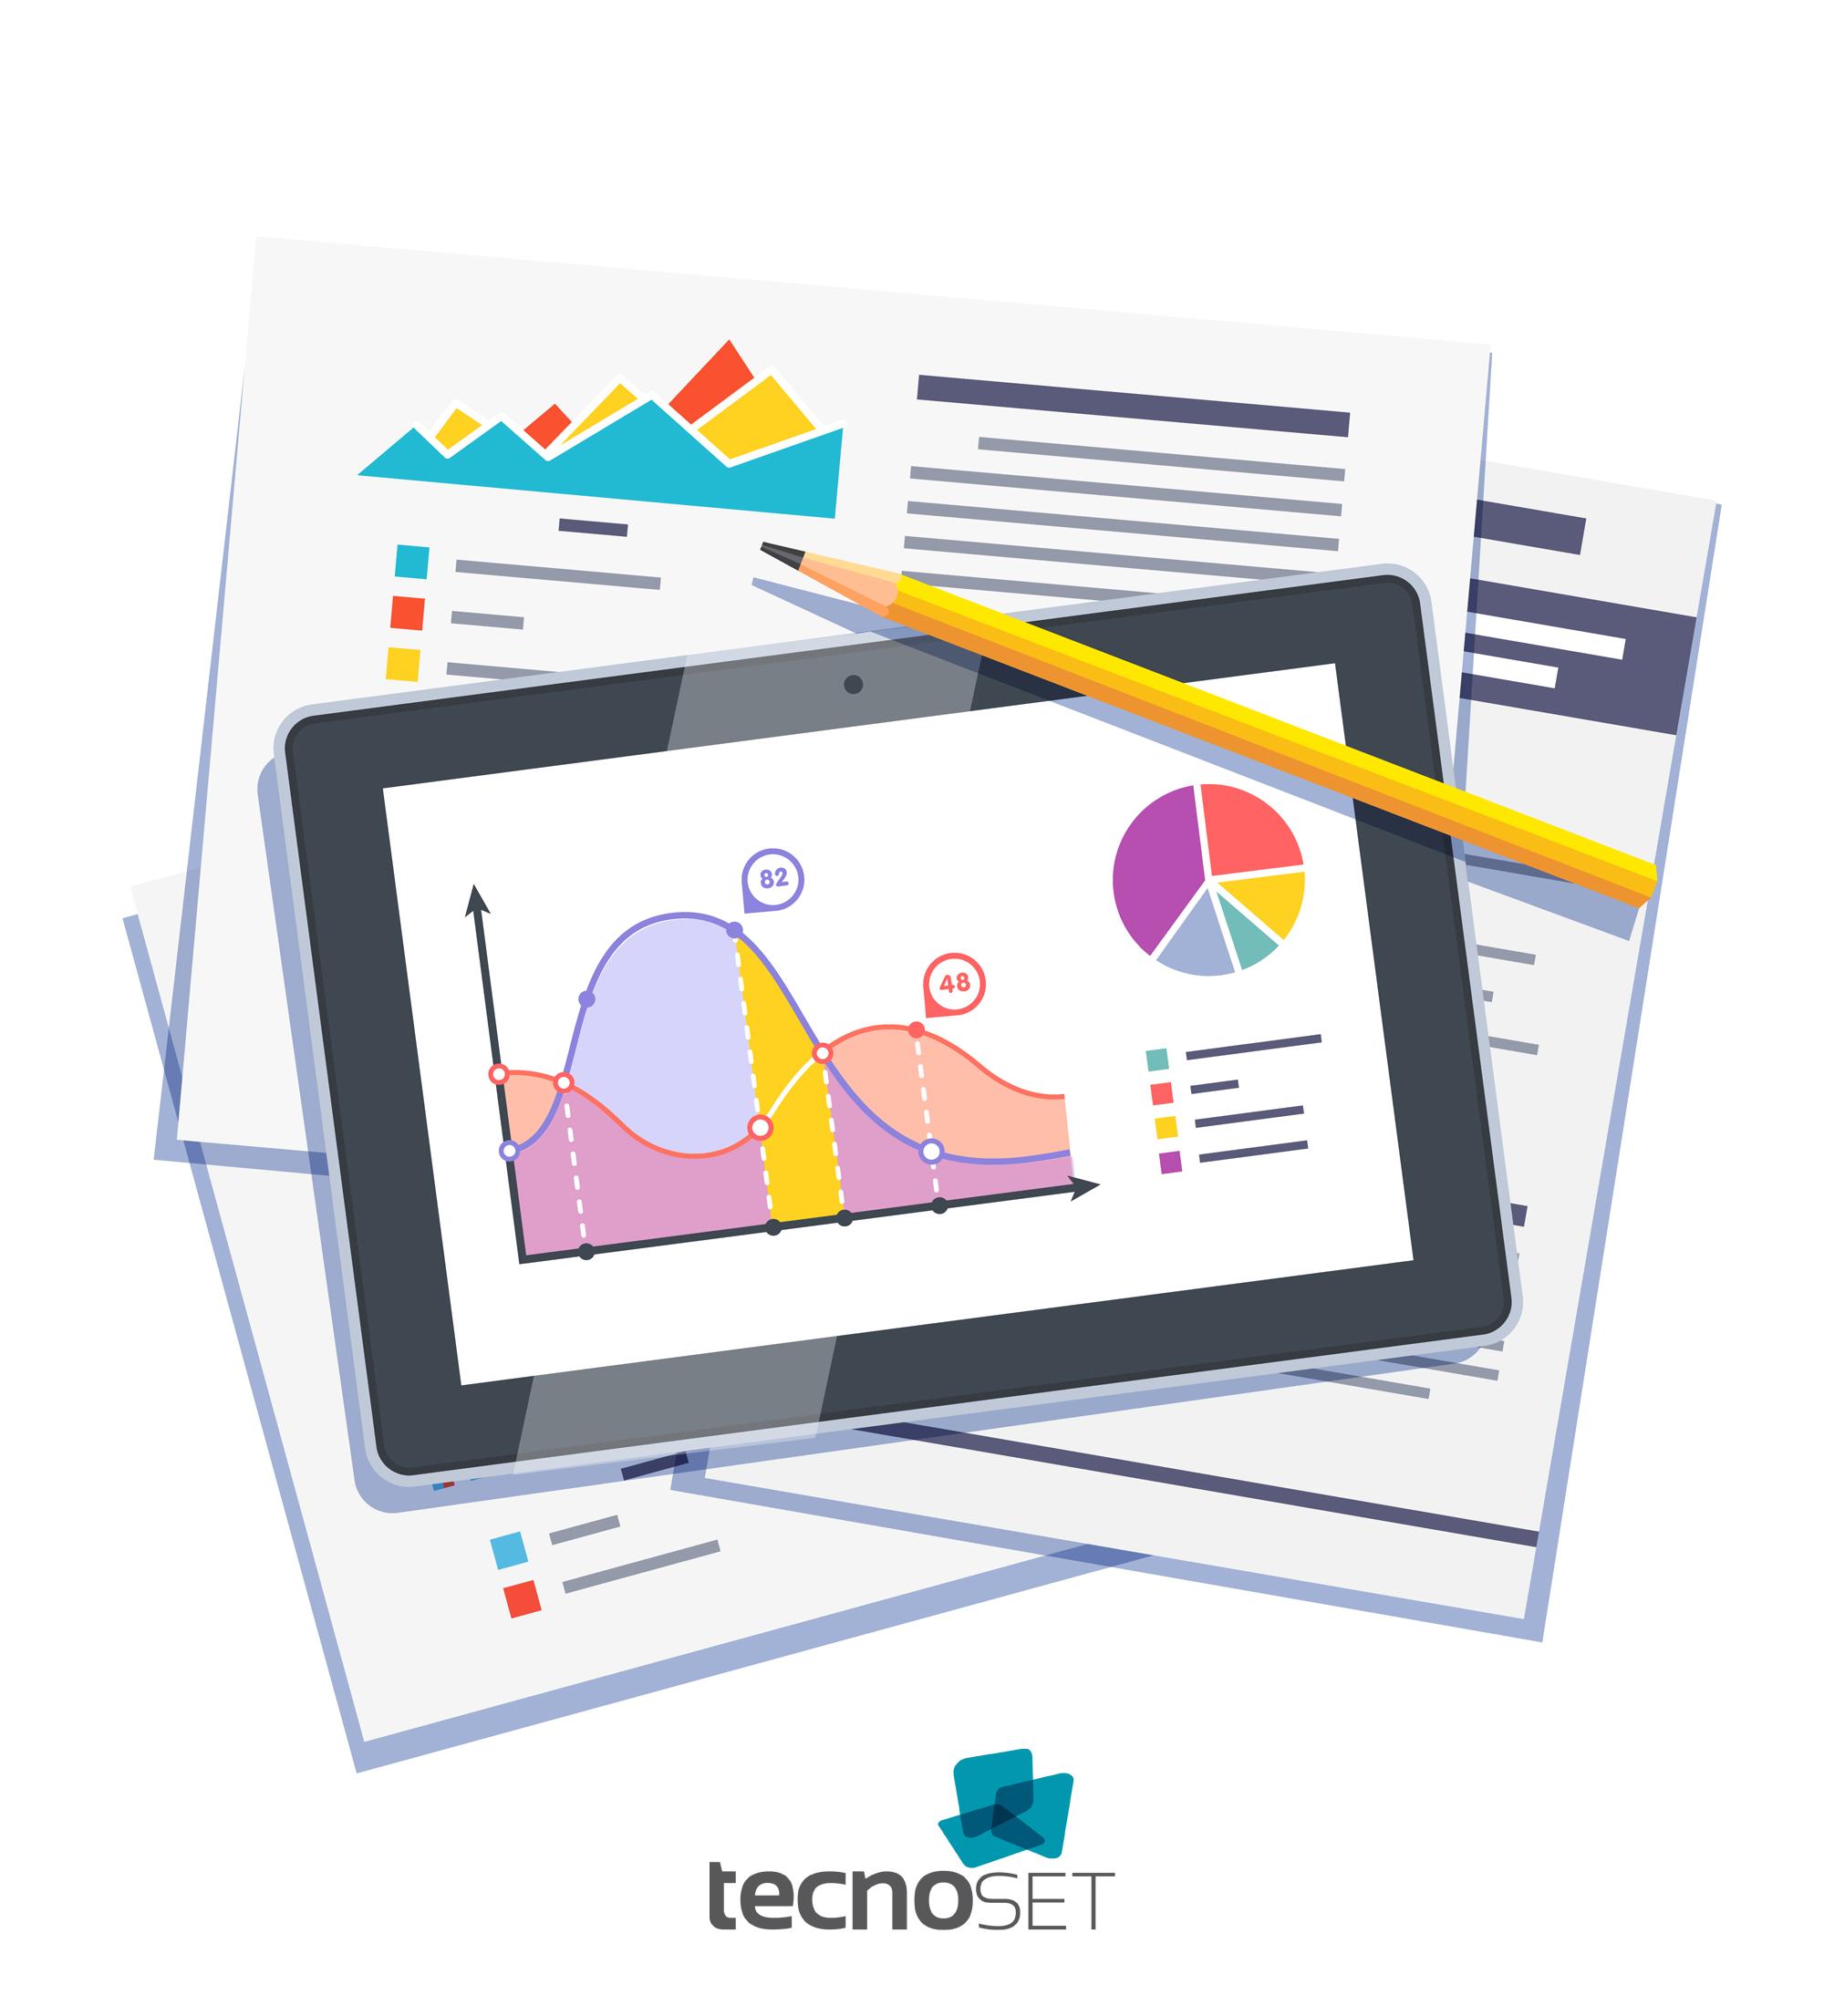 Imagem ilustrando o infográfico sobre as vantagens do documento digital